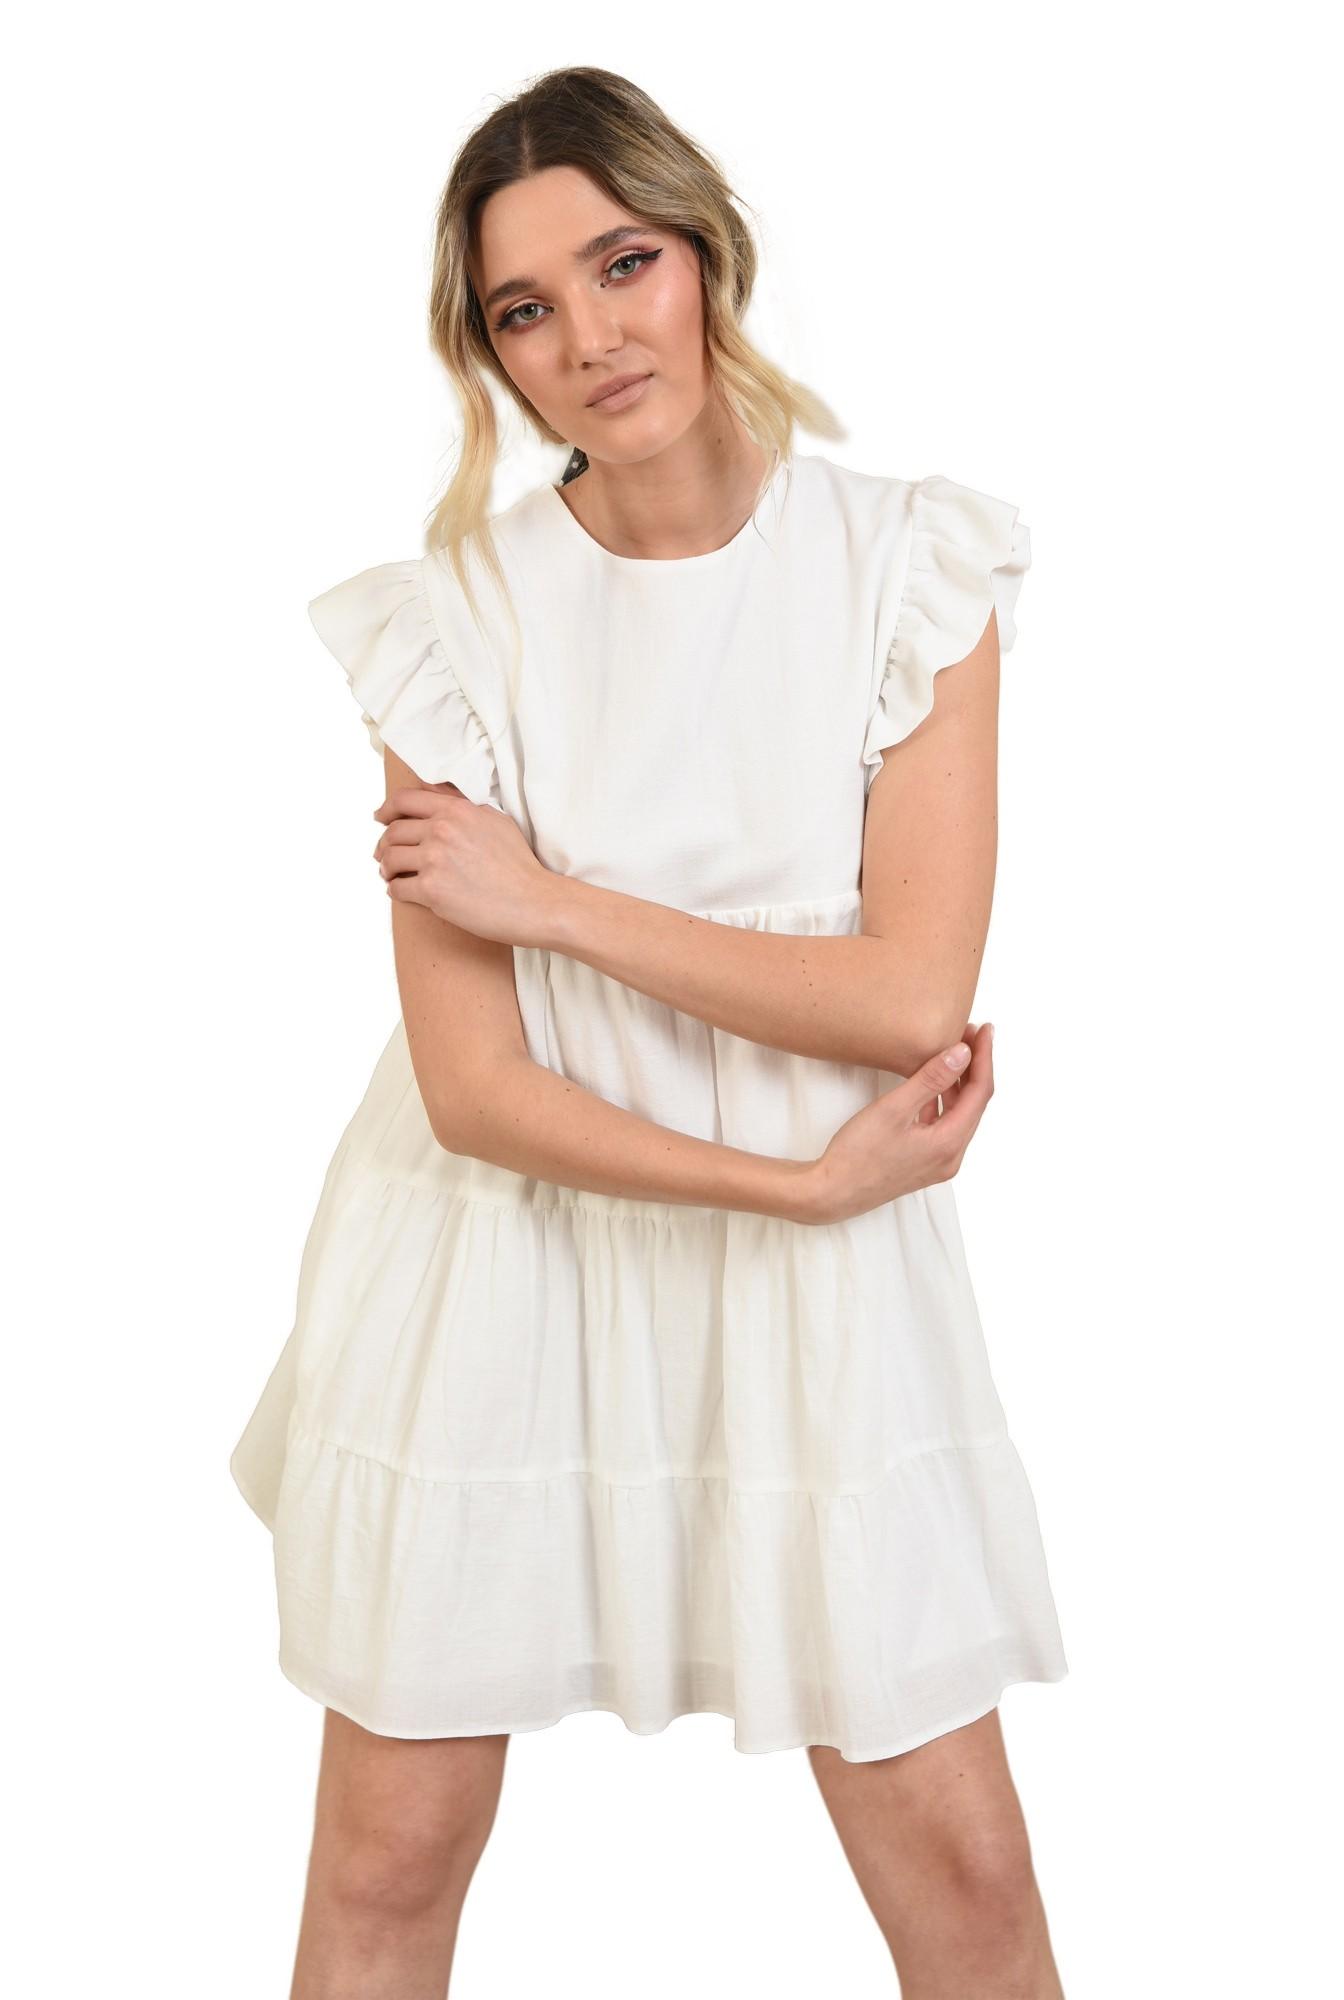 rochie babydoll, cu maneci volan, evazata, scurta, rochie de vara